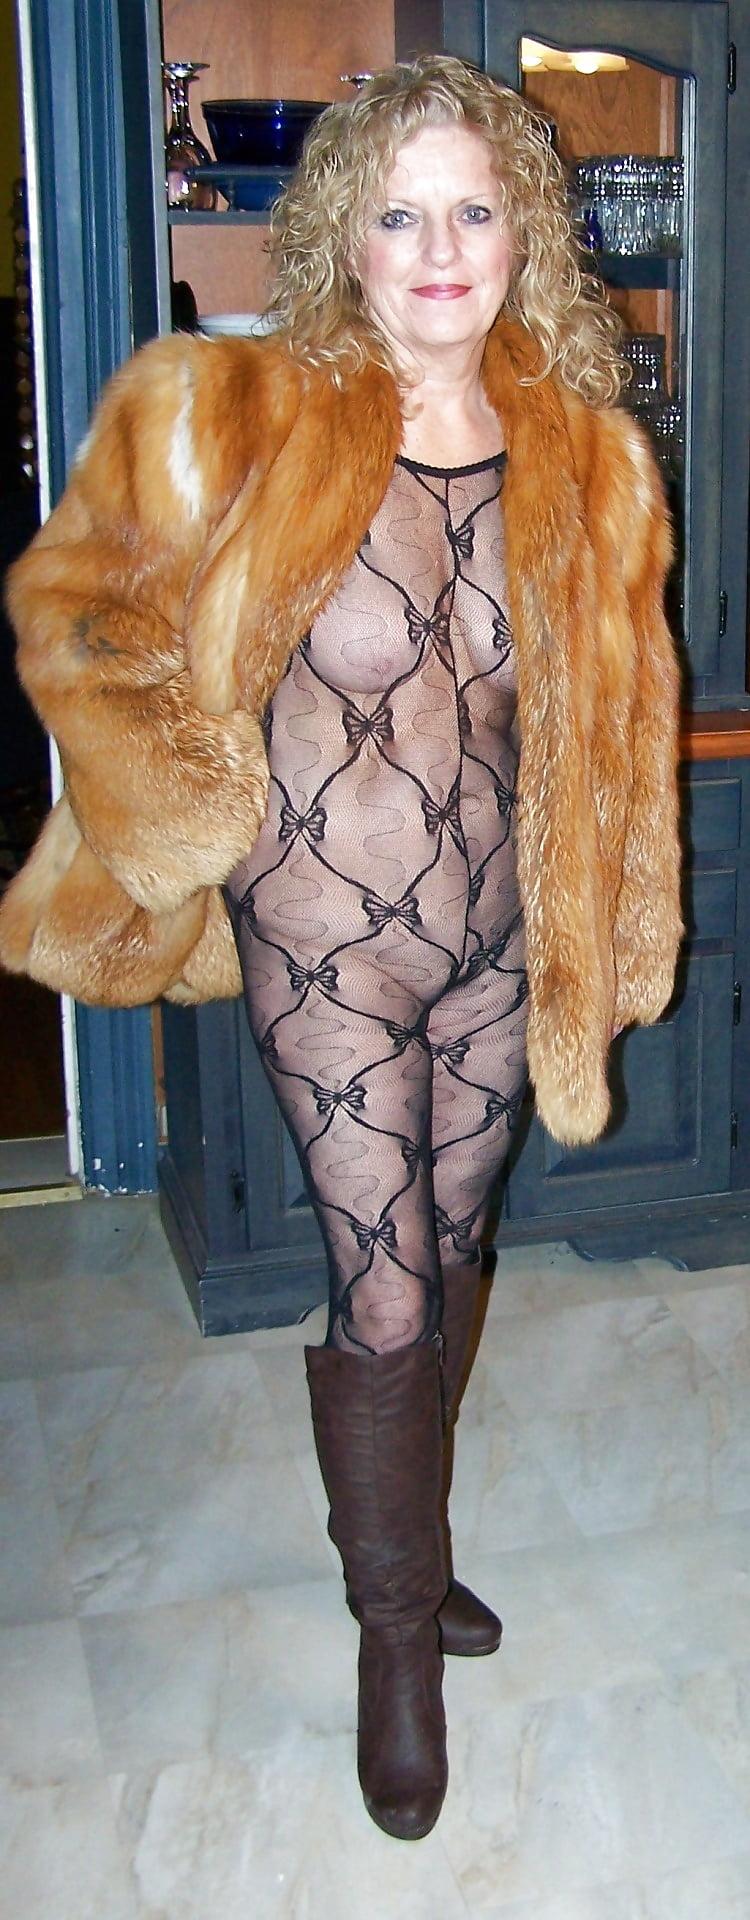 Fat nude women gallery-8332